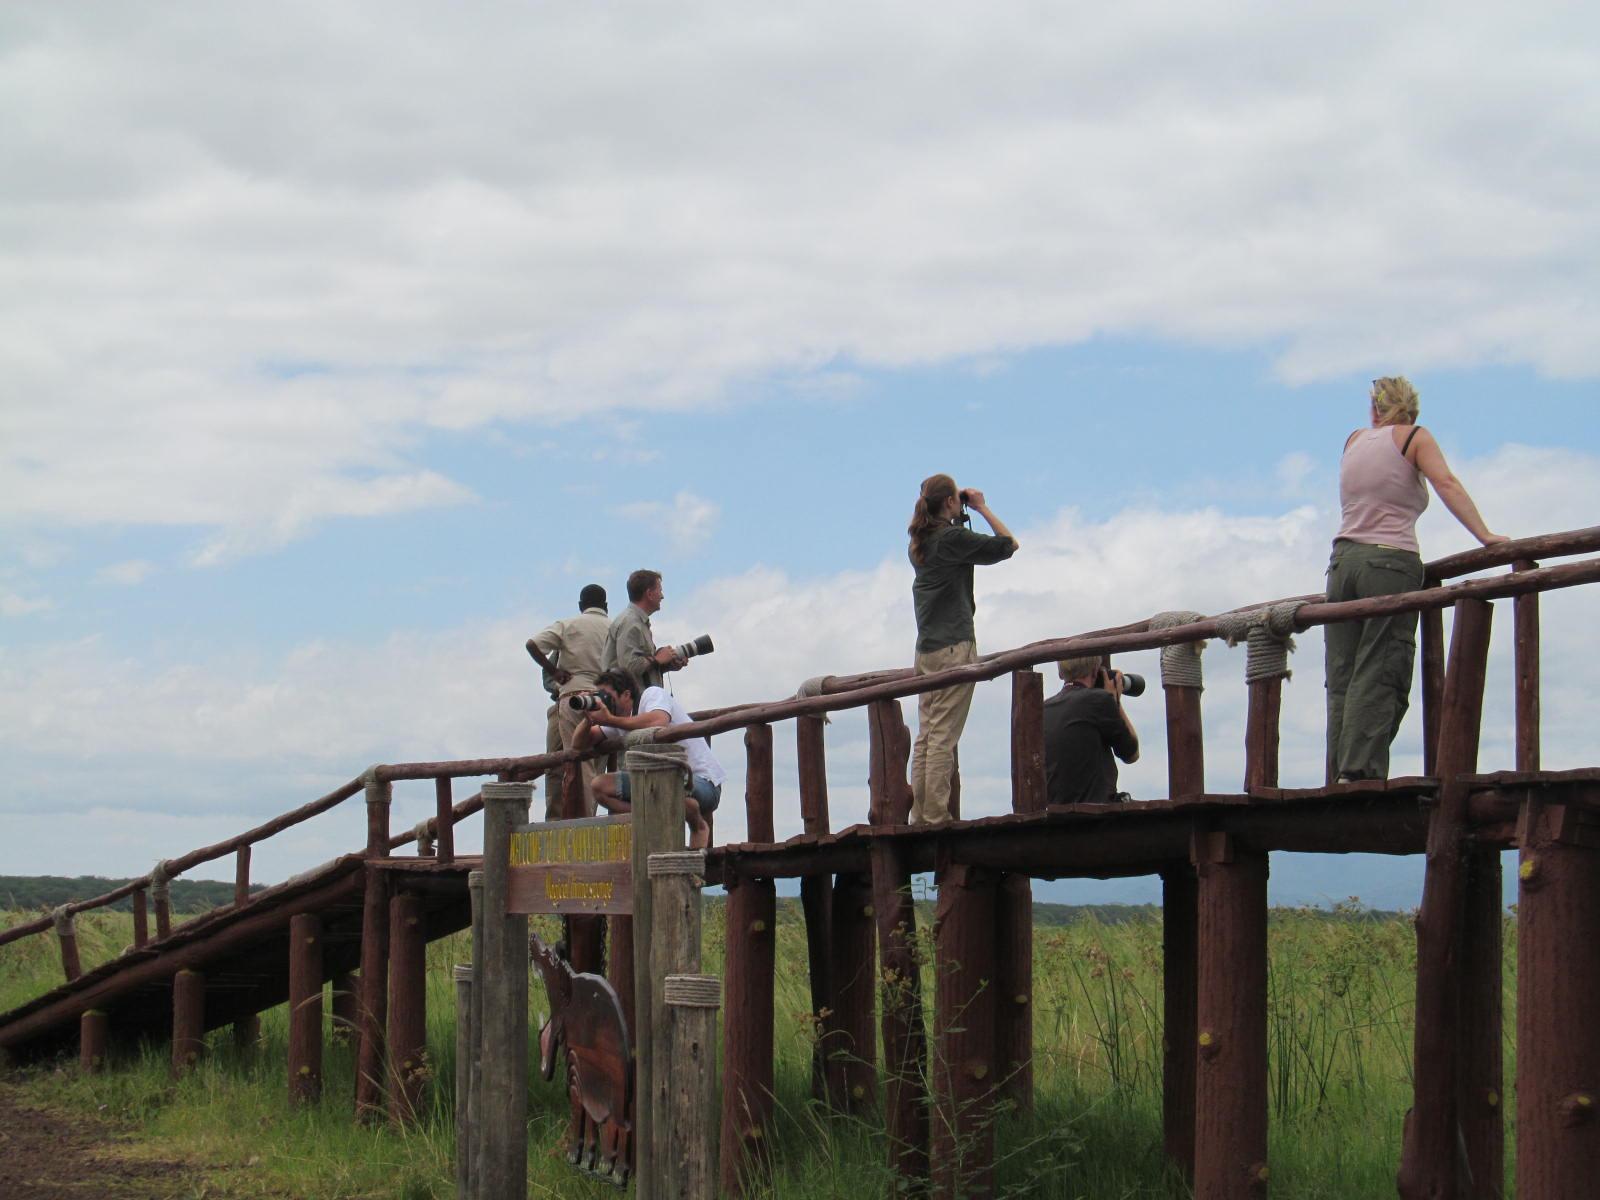 Hippo Pool at Lake Manyara National Park